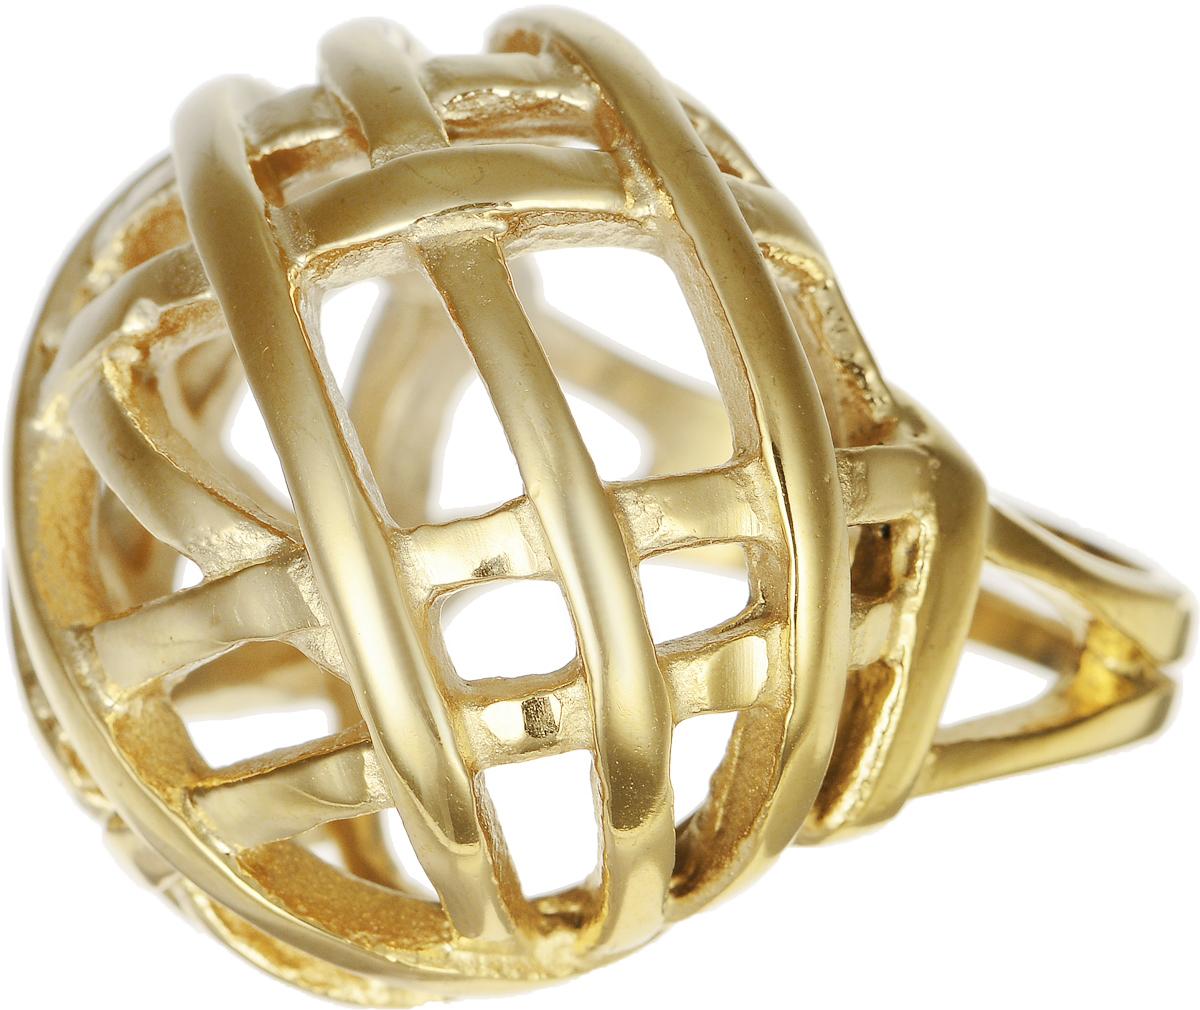 Кольцо Polina Selezneva, цвет: золотистый. DG-0014. Размер 19DG-0014-09Стильное кольцо Polina Selezneva изготовлено из качественного металлического сплава и выполнено в оригинальном дизайне. Кольцо оформлено резным узором.